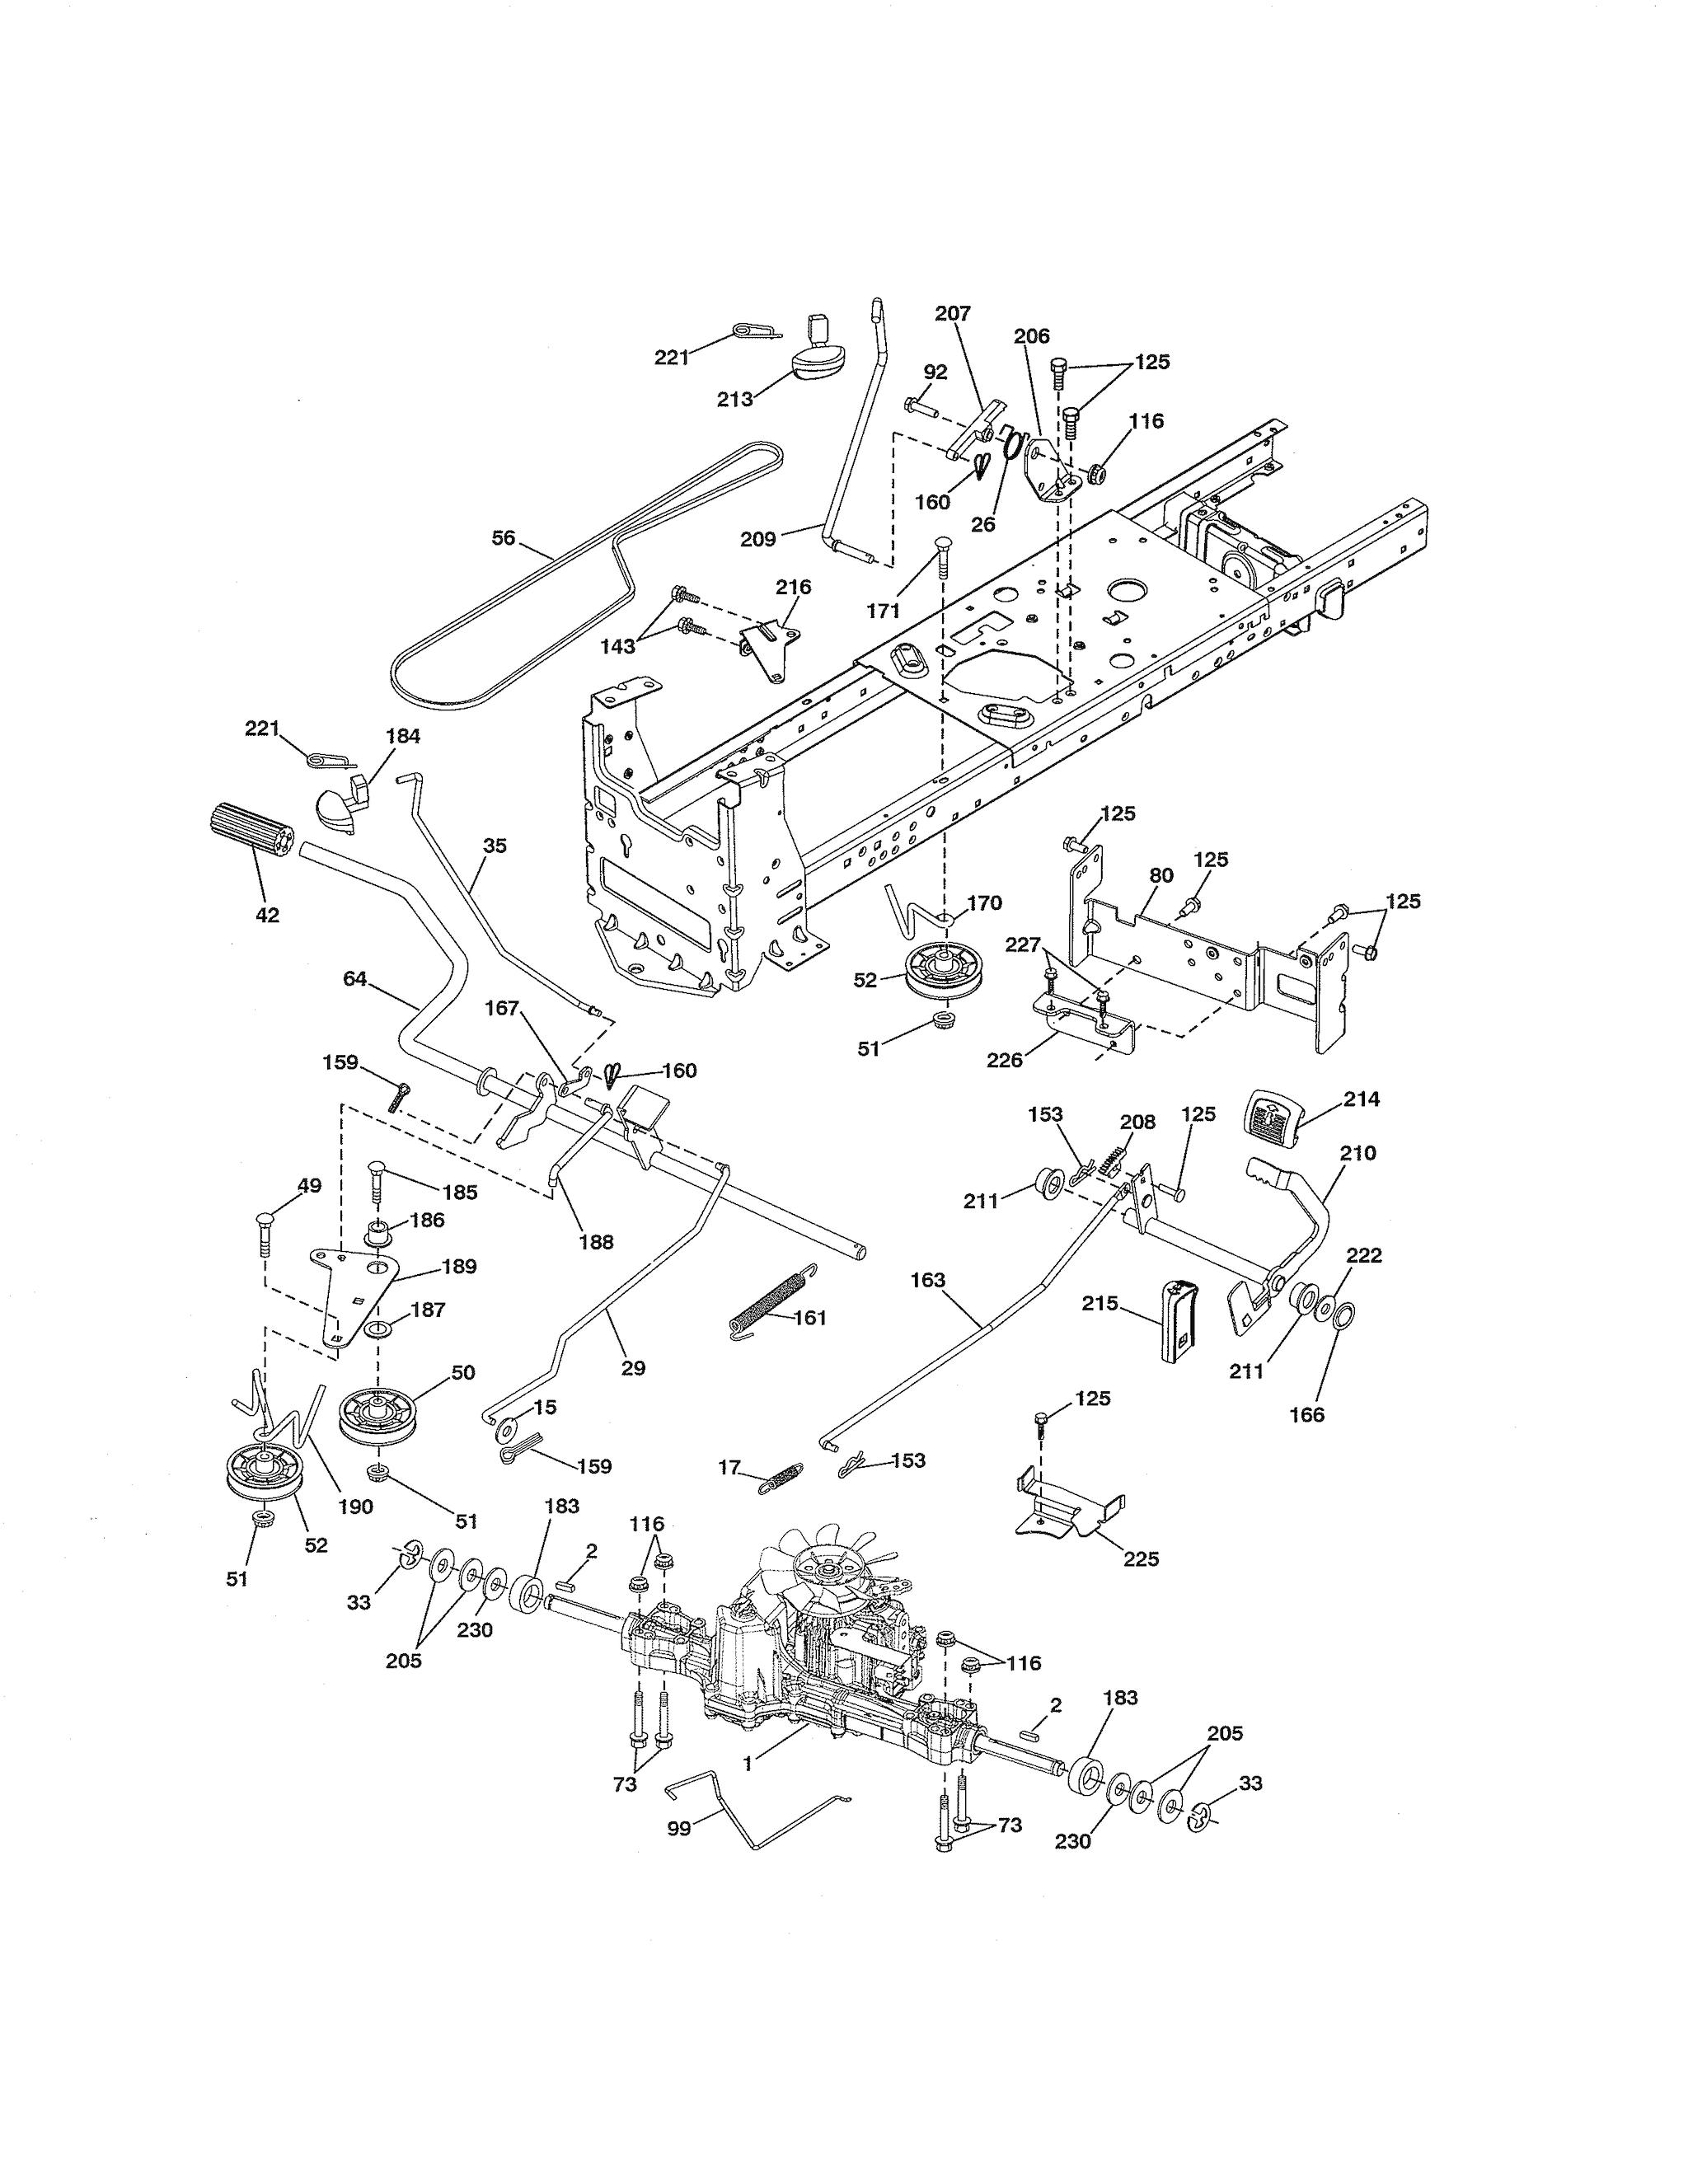 Craftsman Hydrostatic Transmission Diagram - Atkinsjewelry